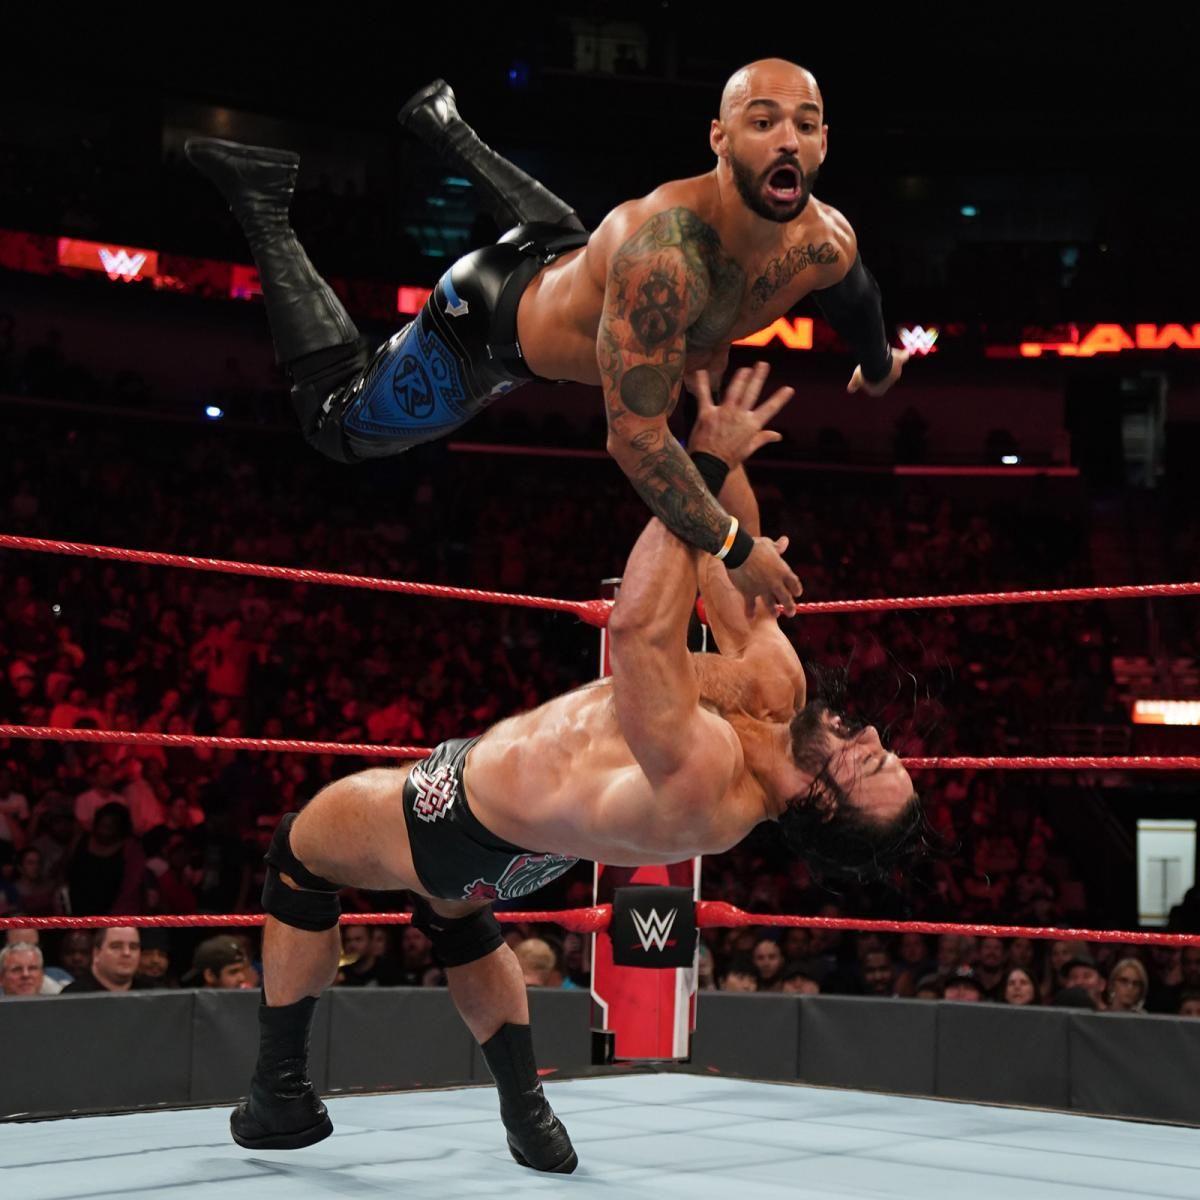 WWE2019擂台之王锦标赛大热麦金泰尔为何首轮出局